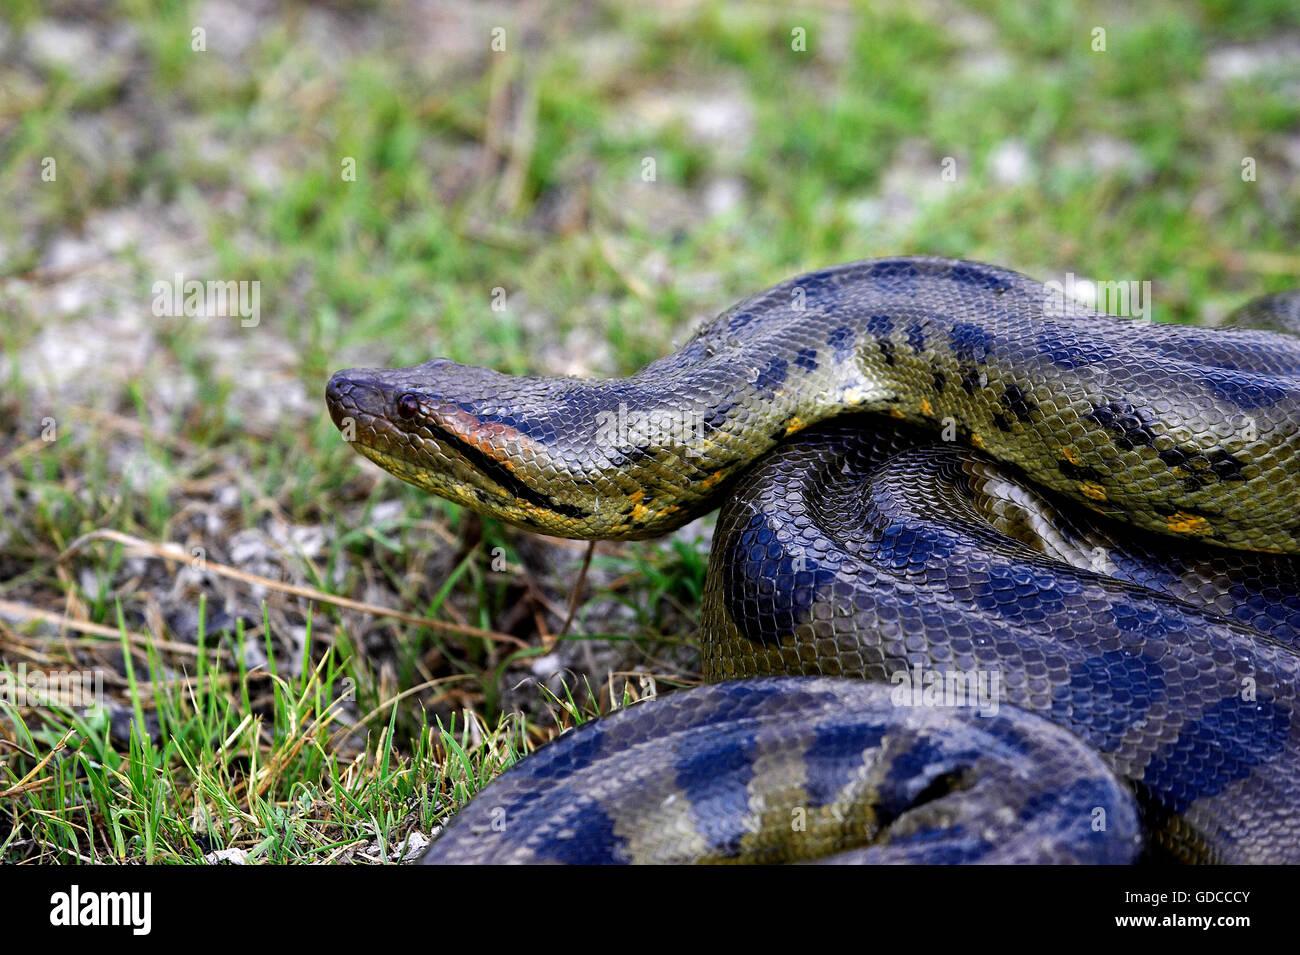 Green Anaconda, eunectes murinus, Los Lianos in Venezuela - Stock Image